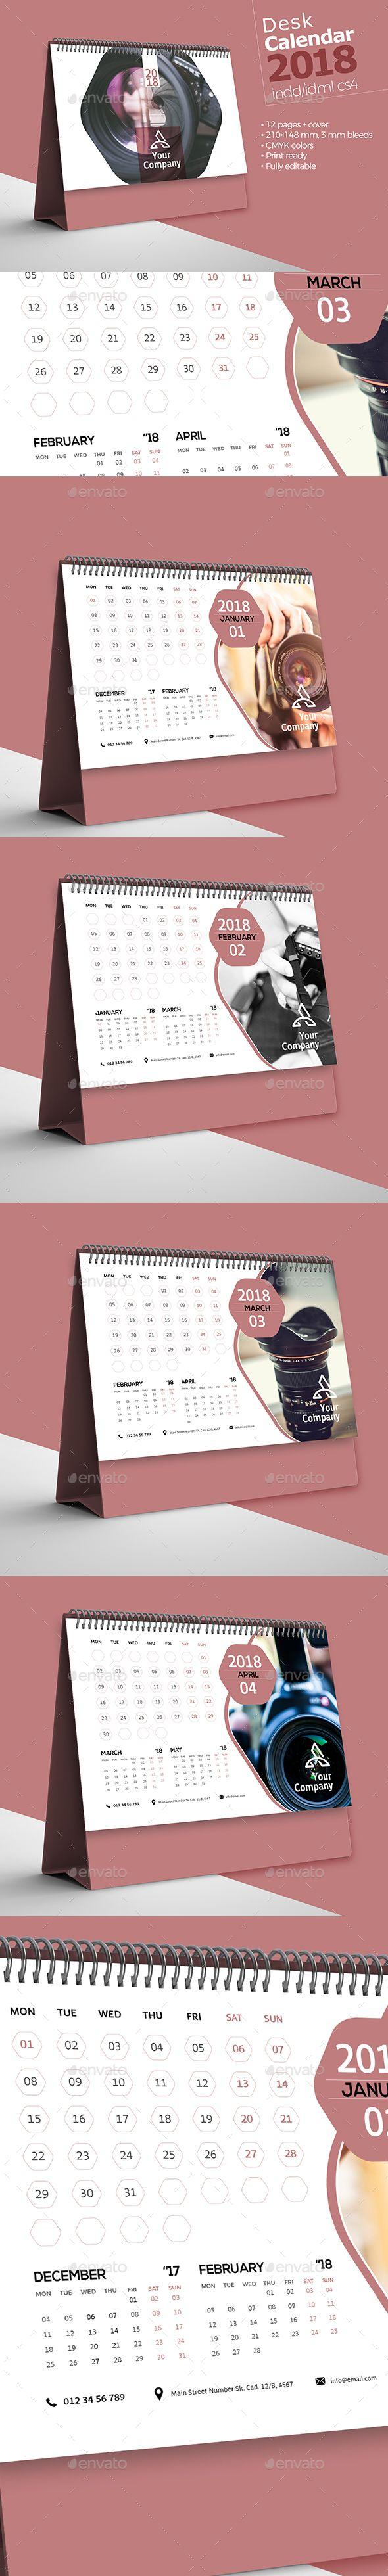 #Desk #Calendar 2018 - Calendars #Stationery